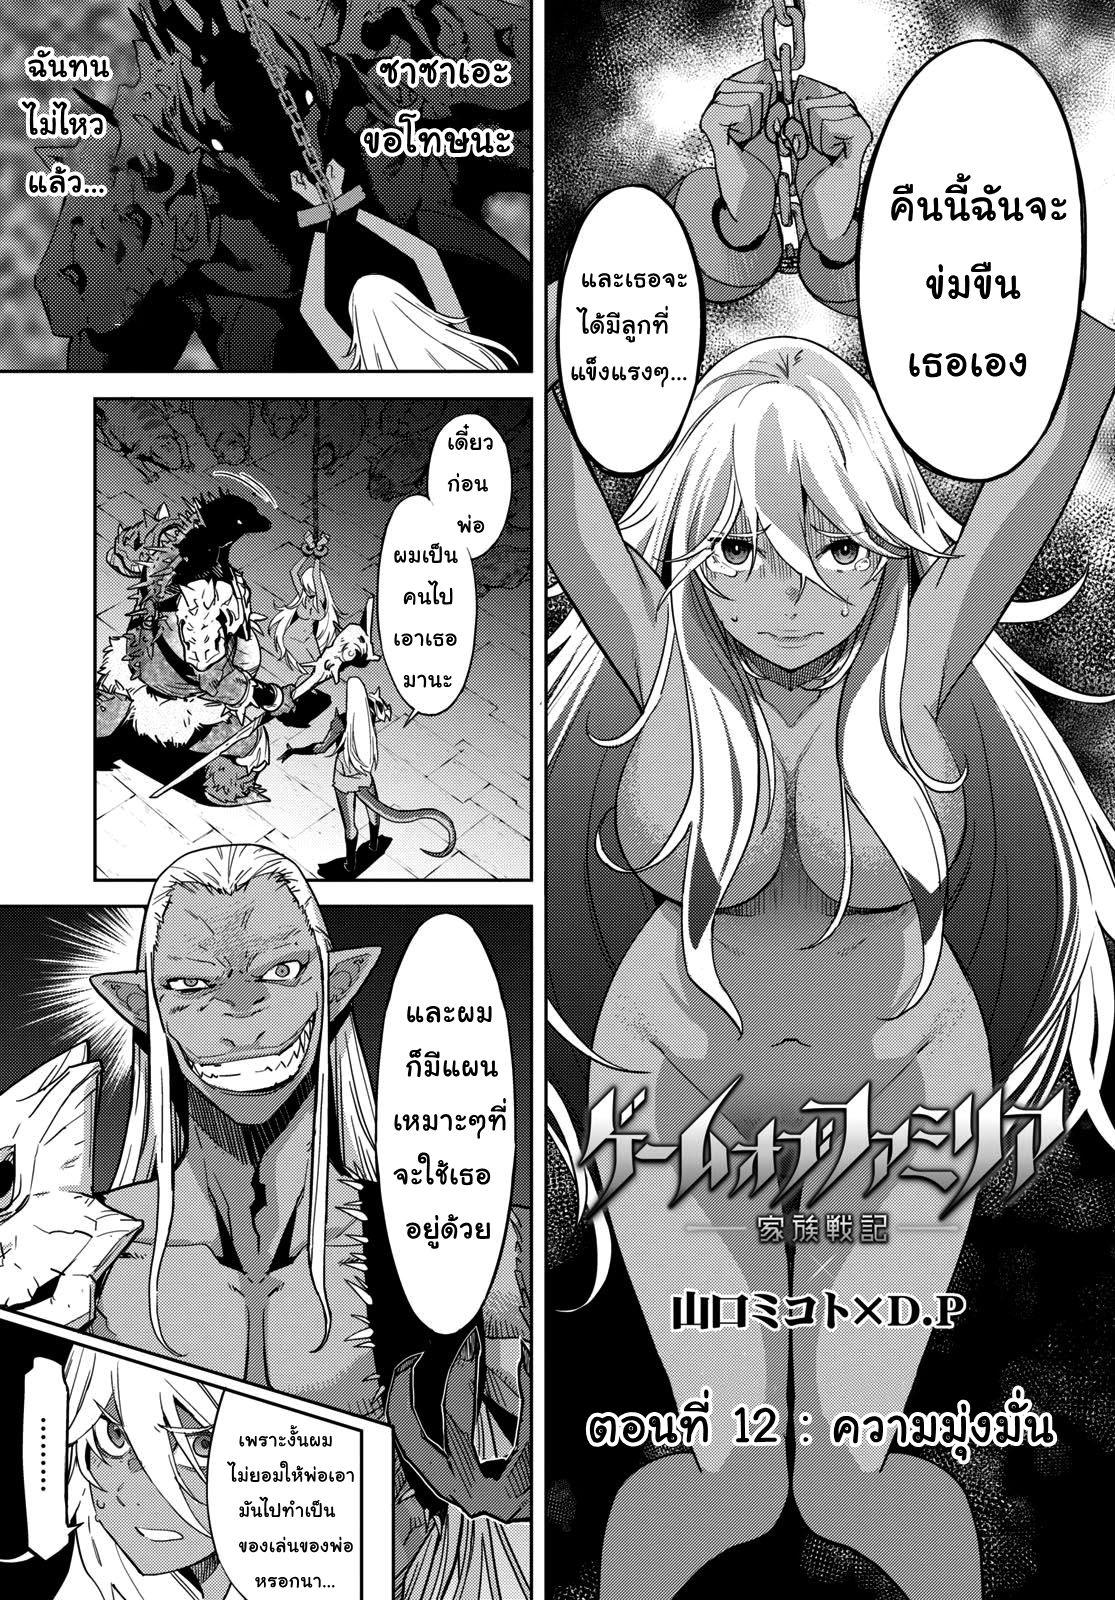 อ่านการ์ตูน Game obu Familia - Family Senki ตอนที่ 11 หน้าที่ 2